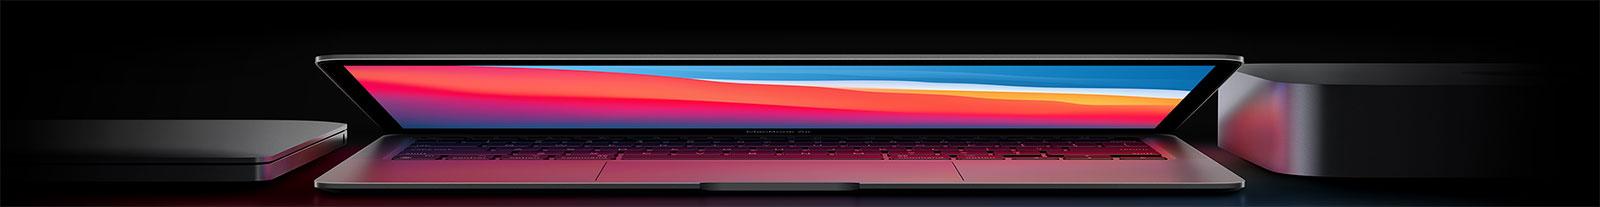 Nuevos Macs con CPU M1 de Apple